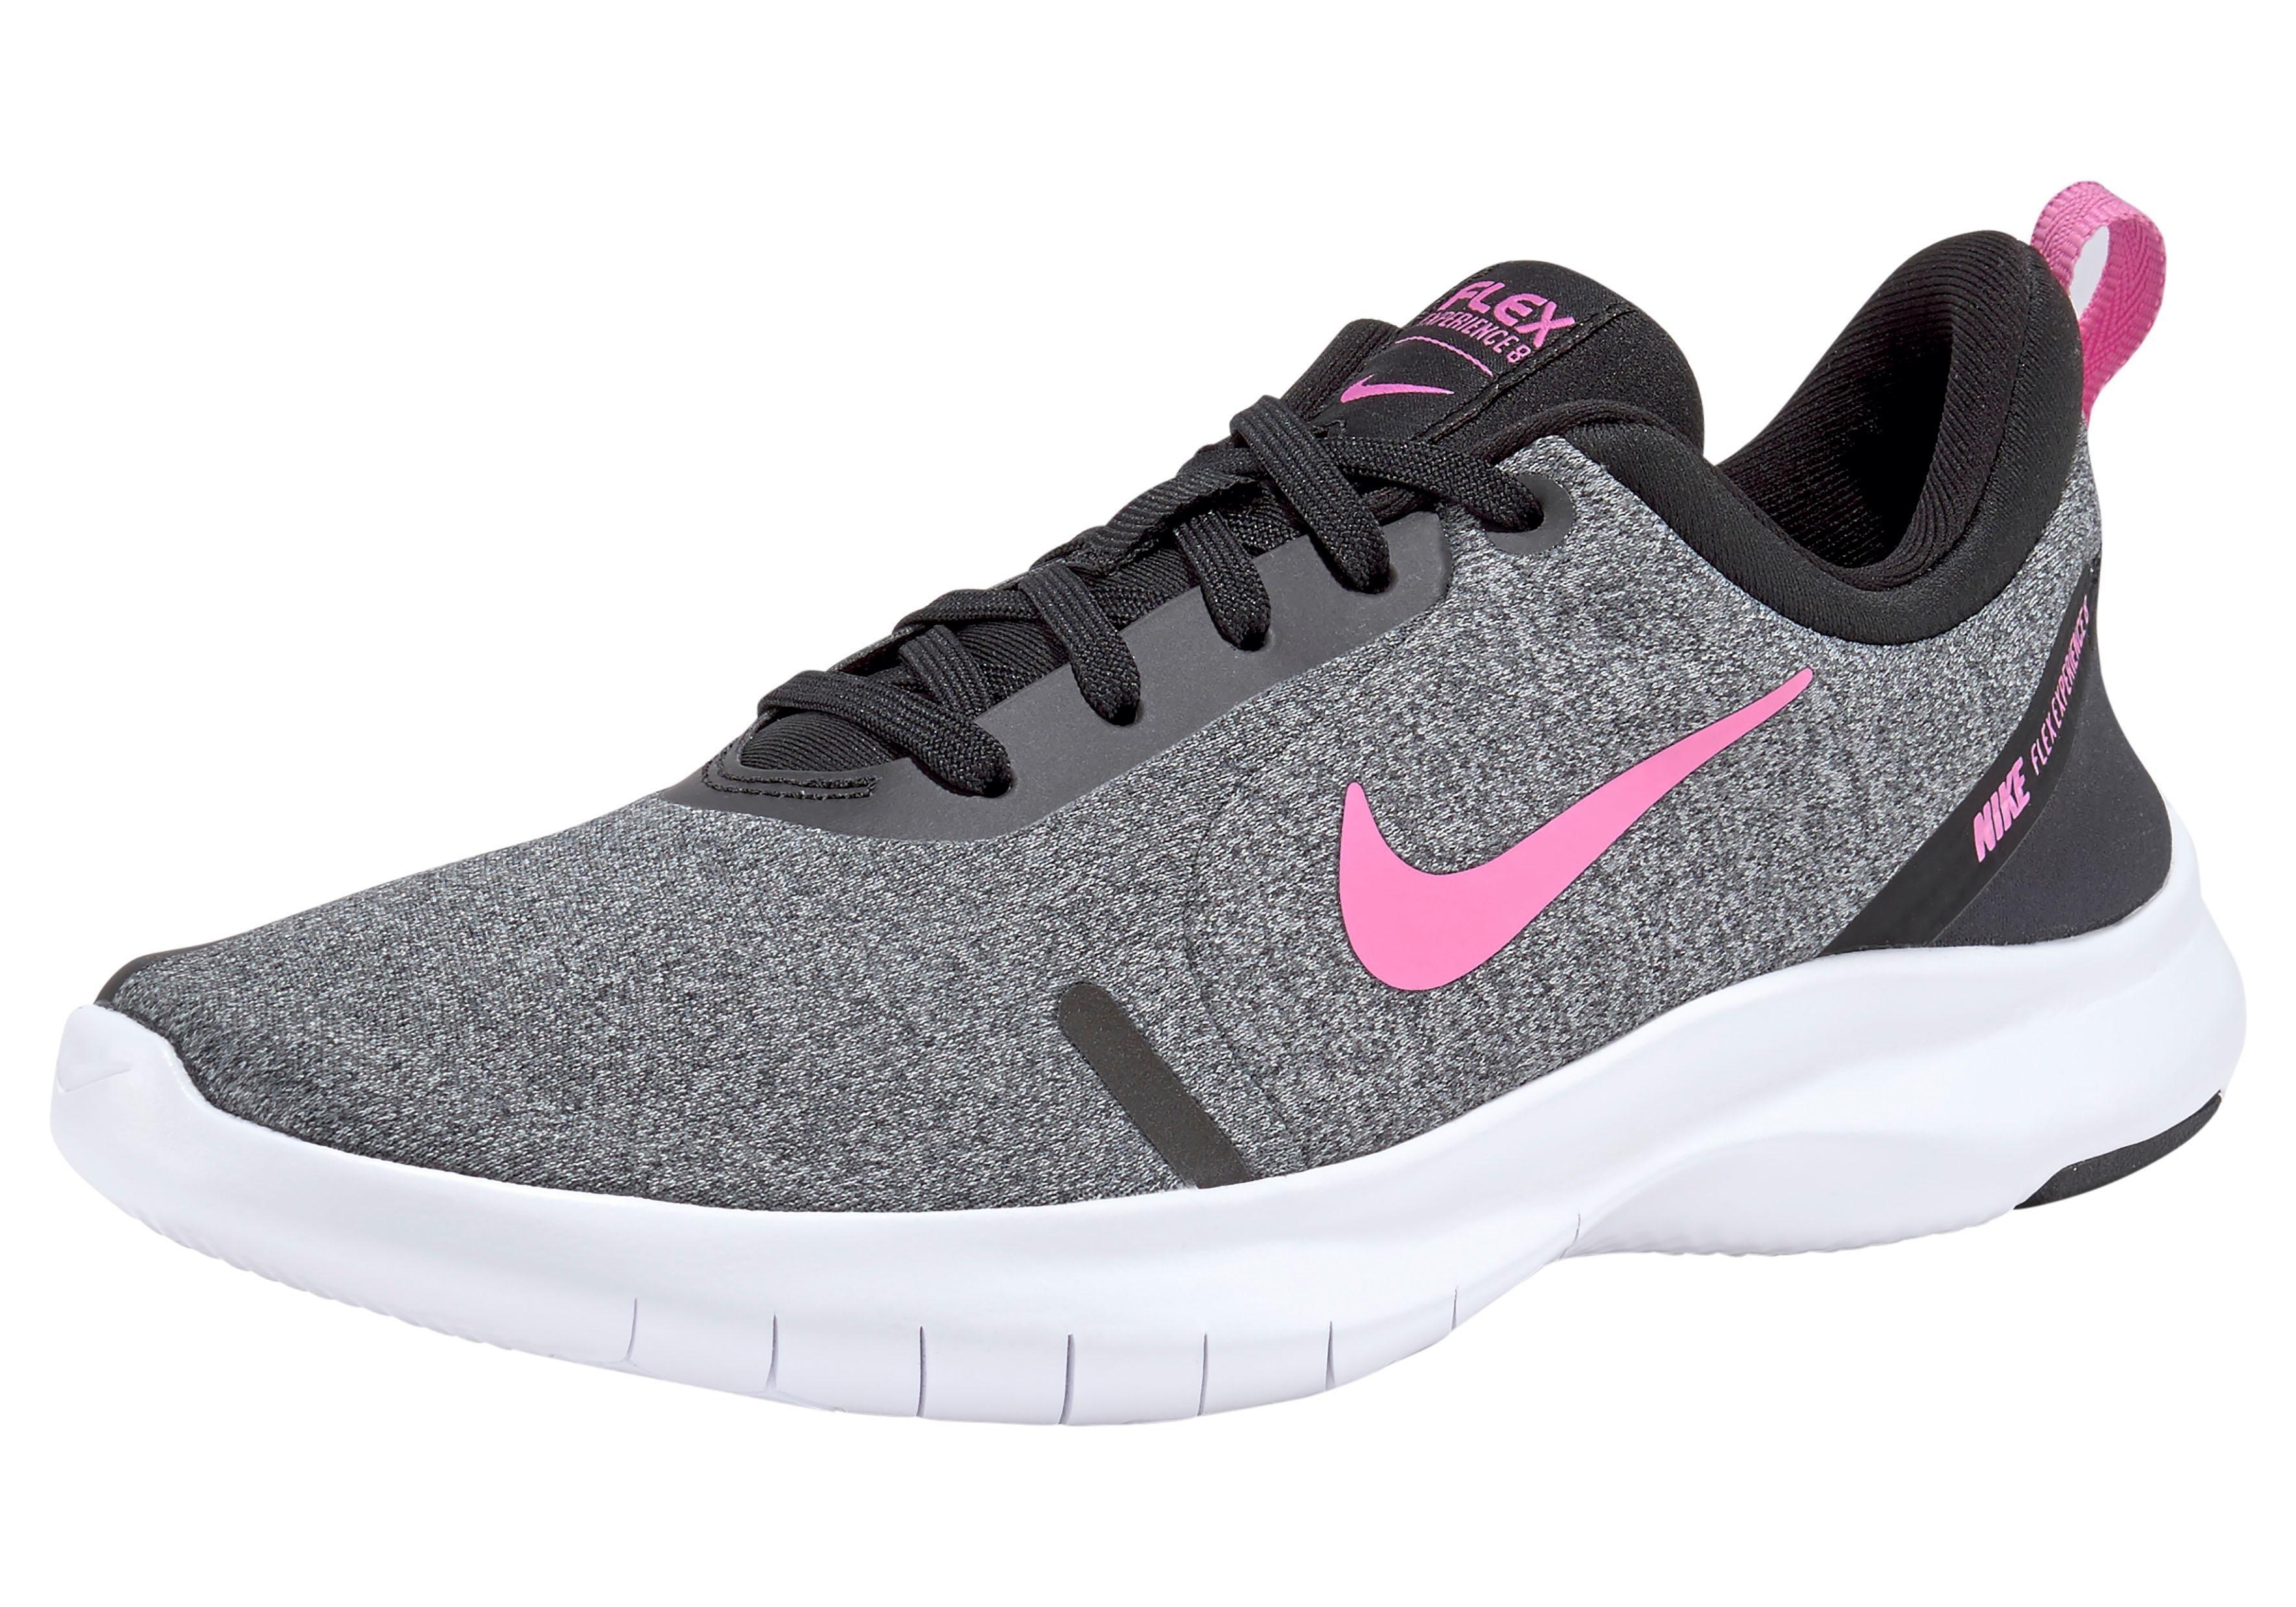 Nike runningschoenen »Wmns Flex Experience Run 8« bestellen: 14 dagen bedenktijd